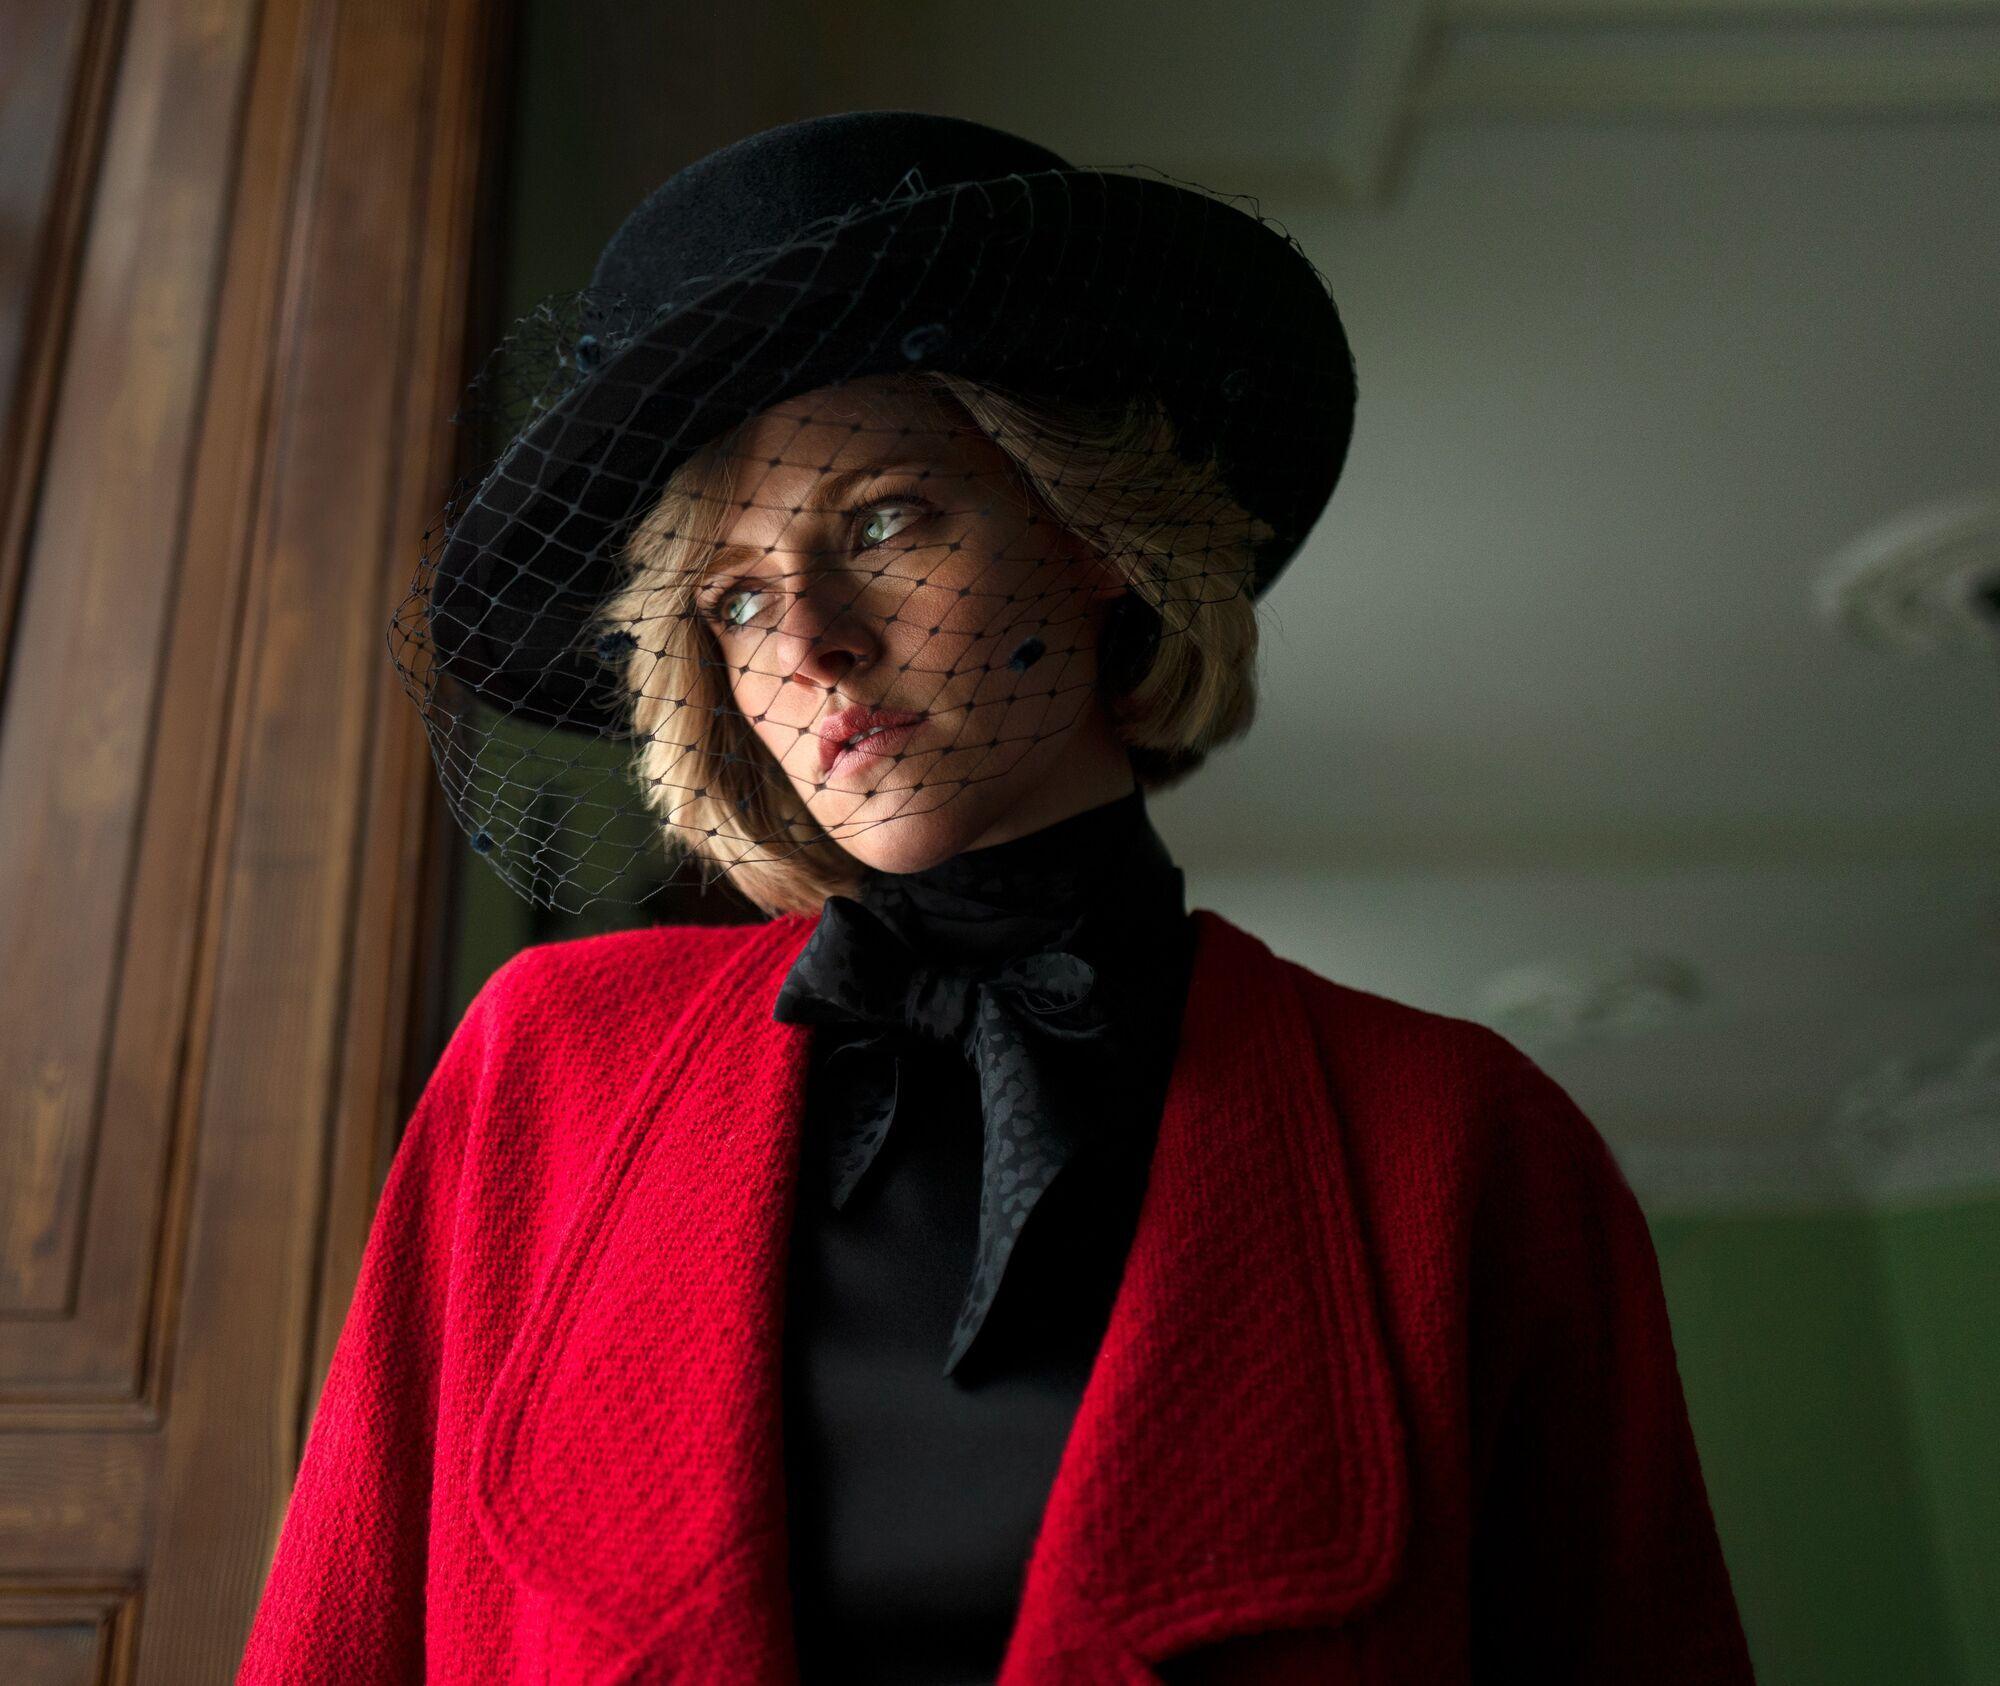 Кристен Стюарт в образе принцессы Дианы